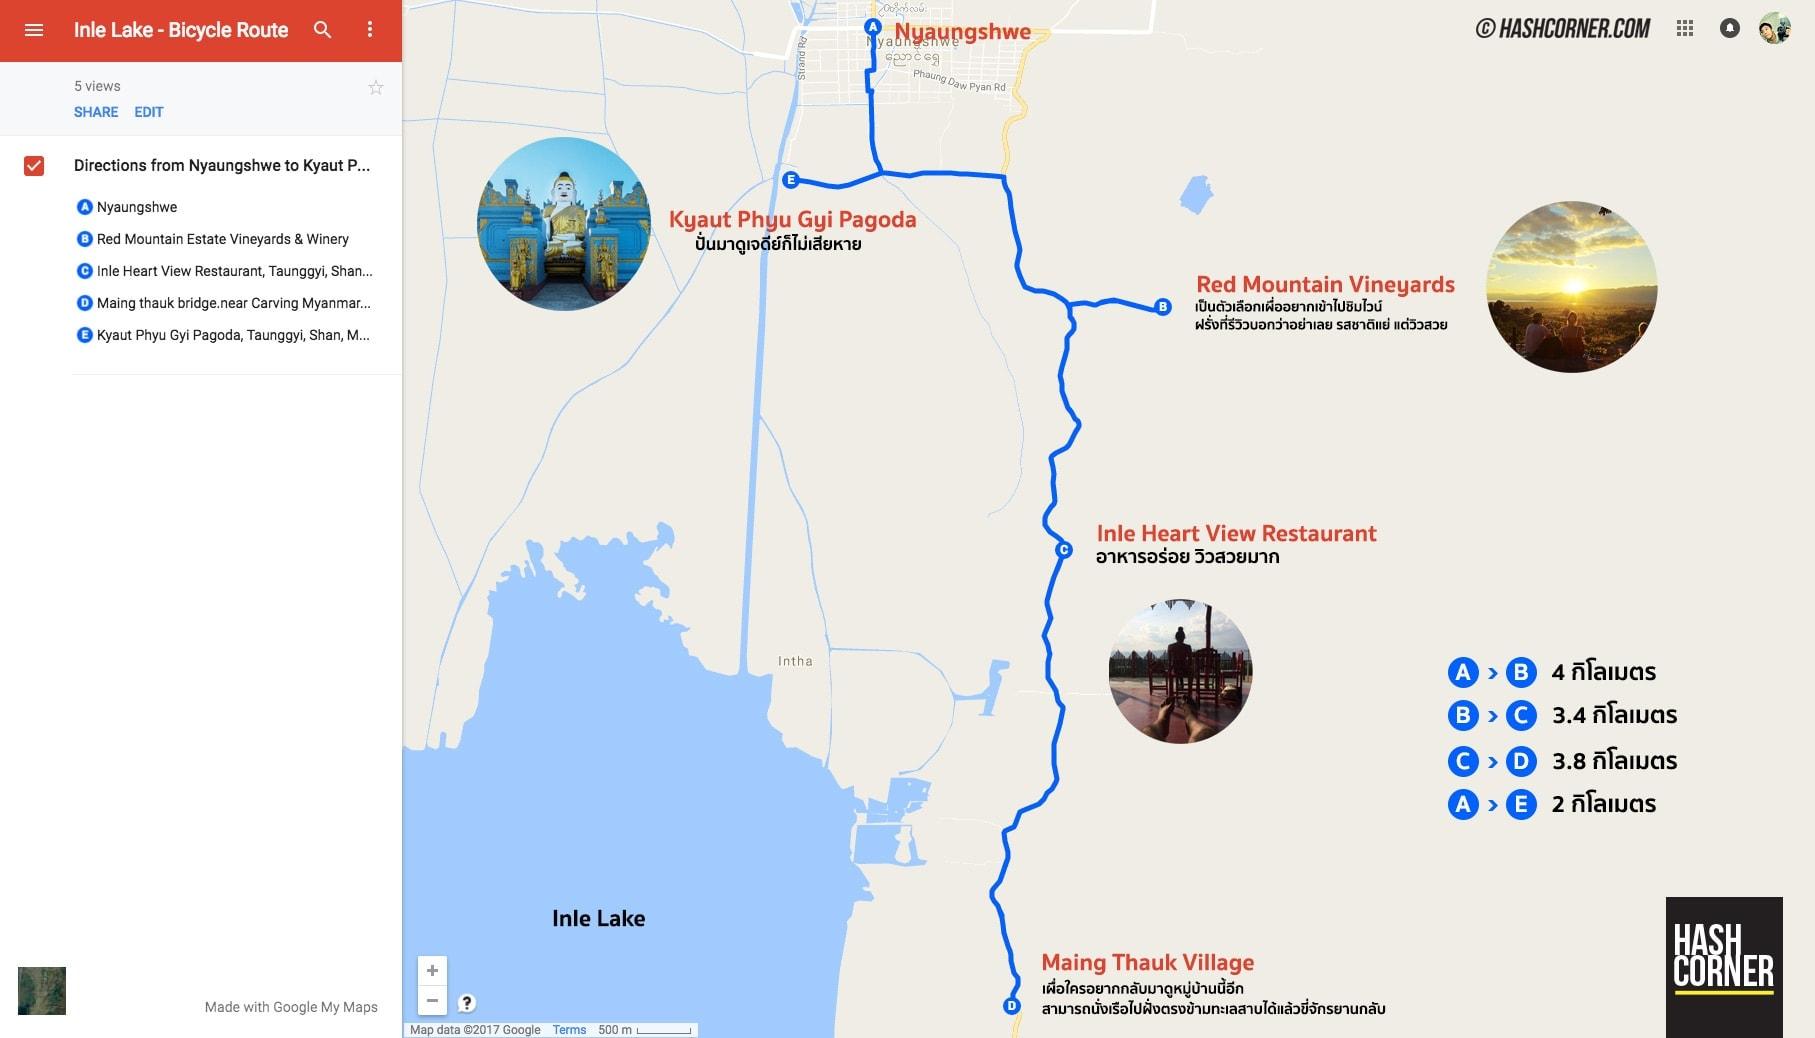 รีวิว ทะเลสาบอินเล : เที่ยวพม่าให้ครบในทริปเดียว ย่างกุ้ง-อินเล-พุกาม-มัณฑะเลย์